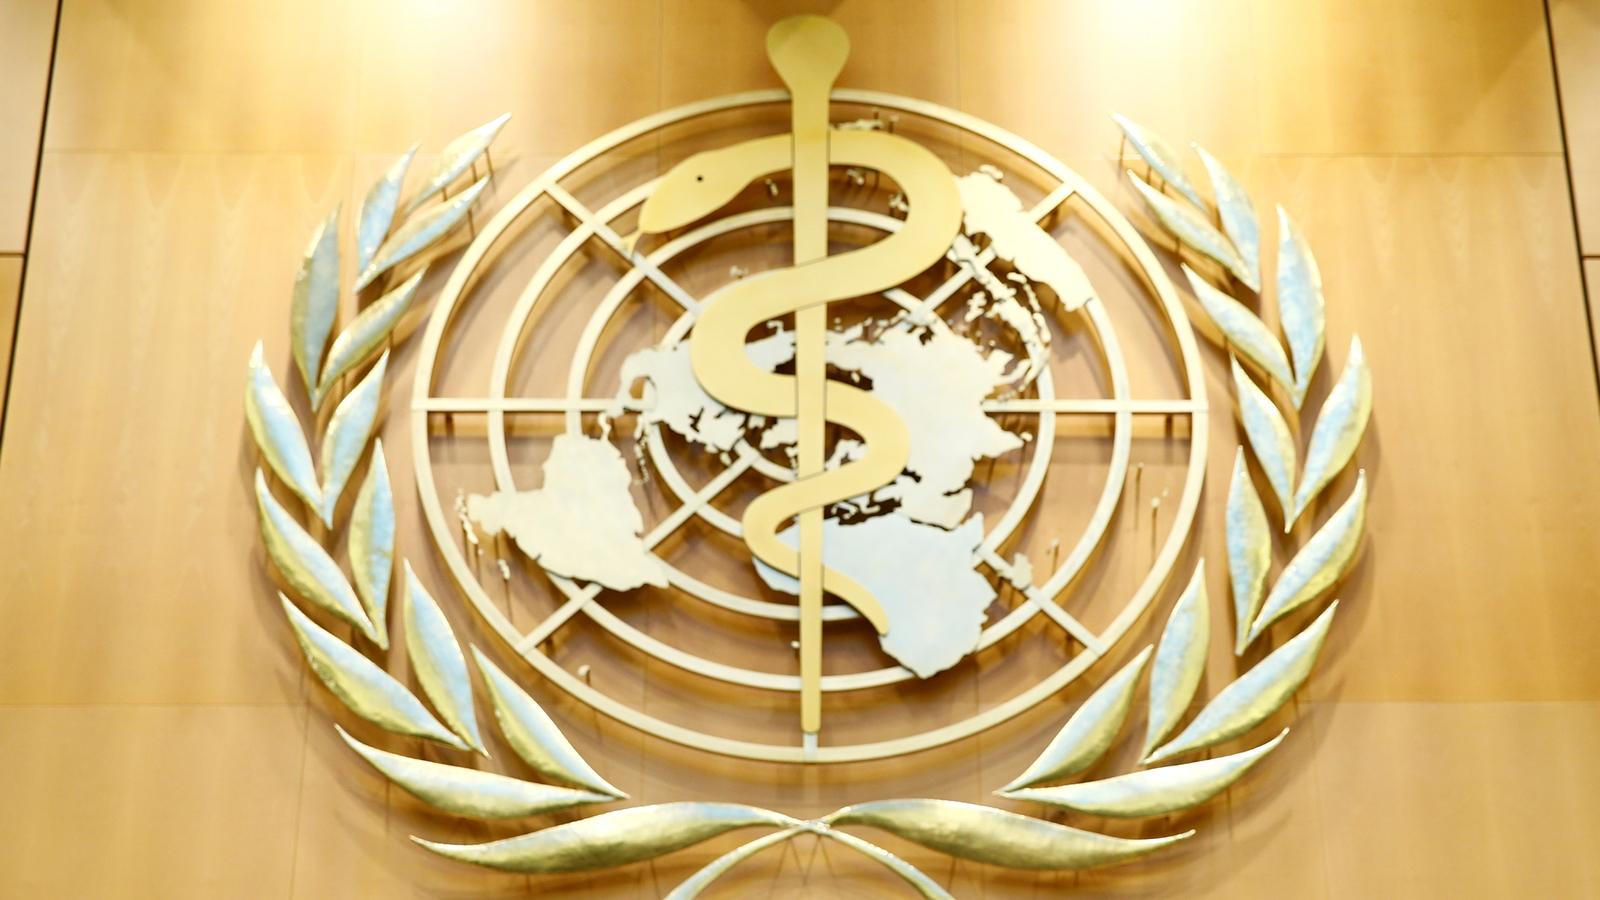 PBB Minta Semua Tes Keperawanan Dihentikan, Termasuk di Indonesia